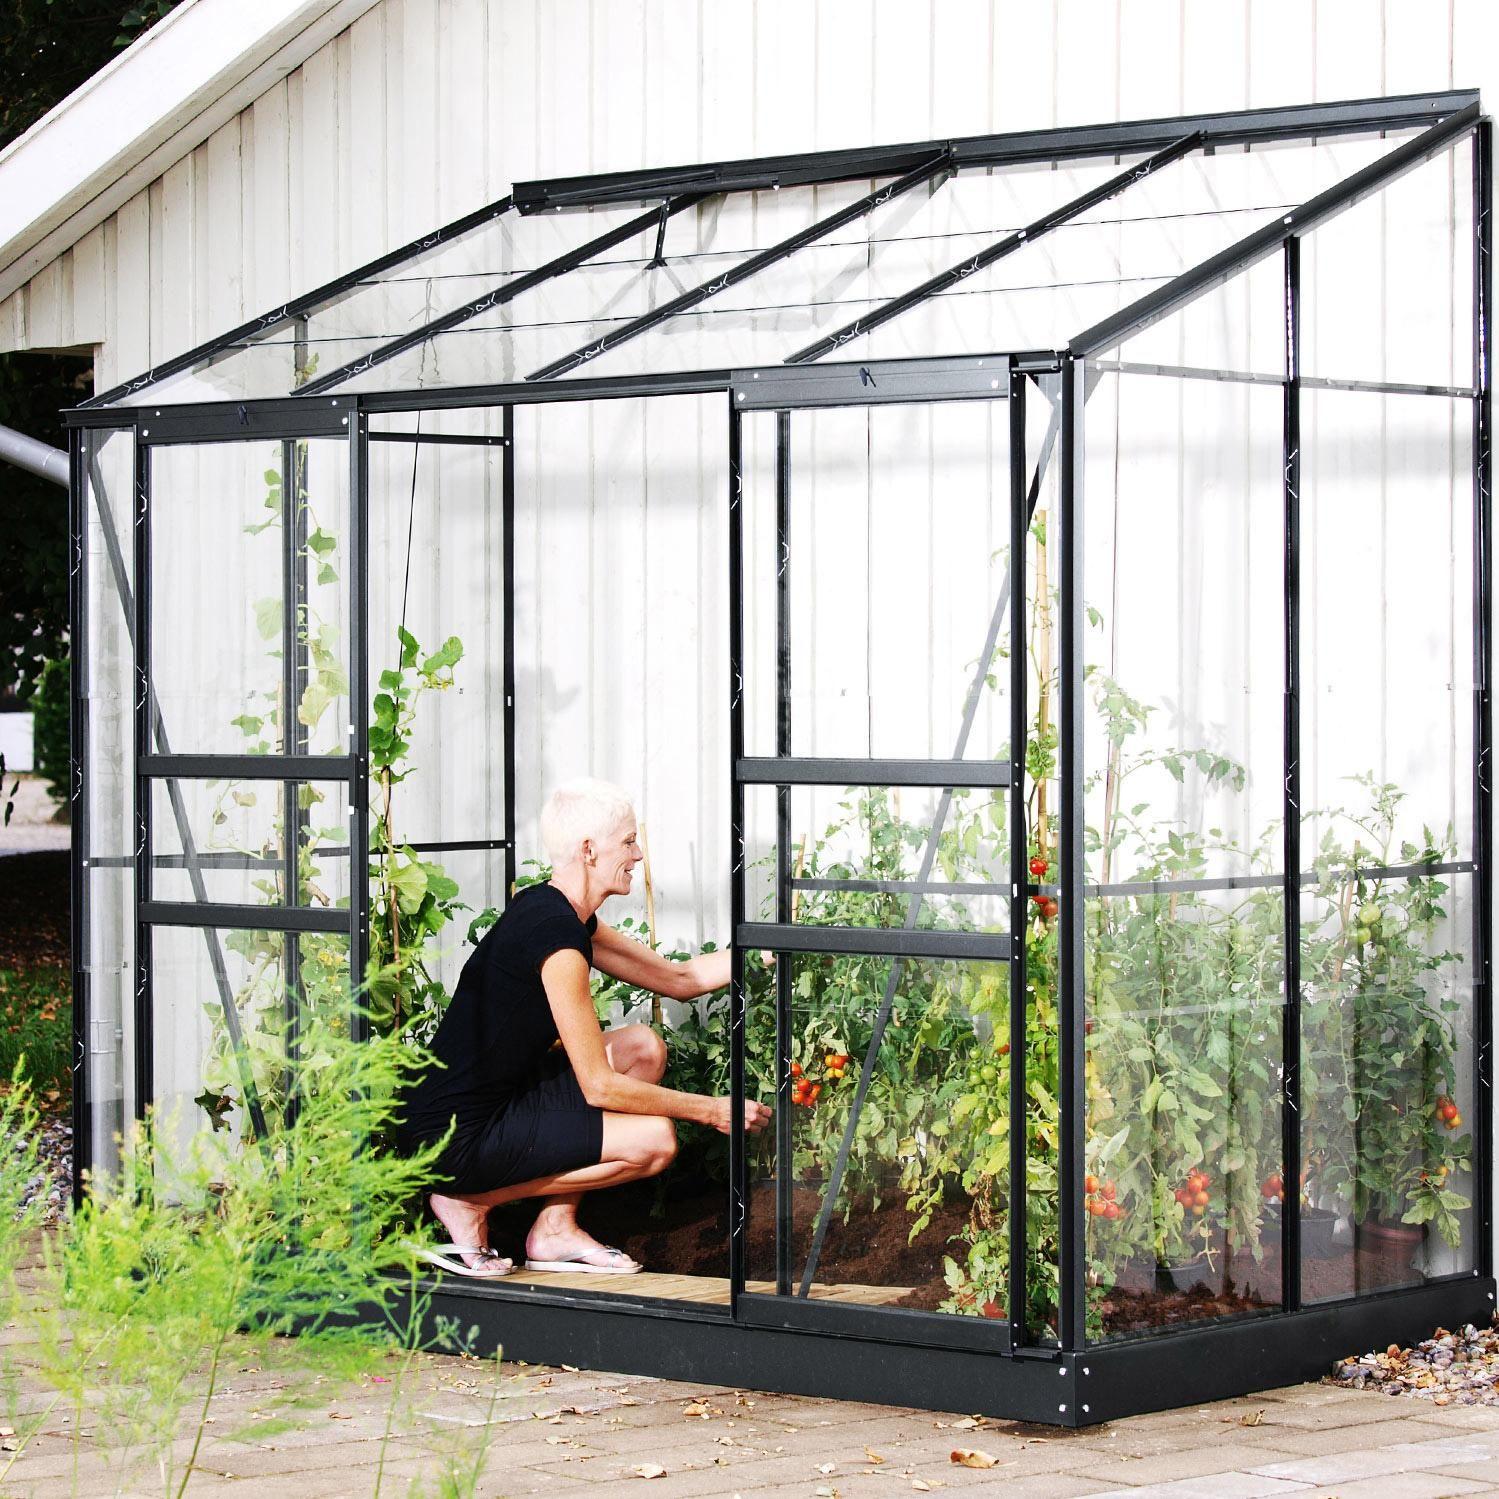 Épinglé par Cilette And Co sur Véranda en 2020 | Serre jardin, Maison verte, Serre bricolage